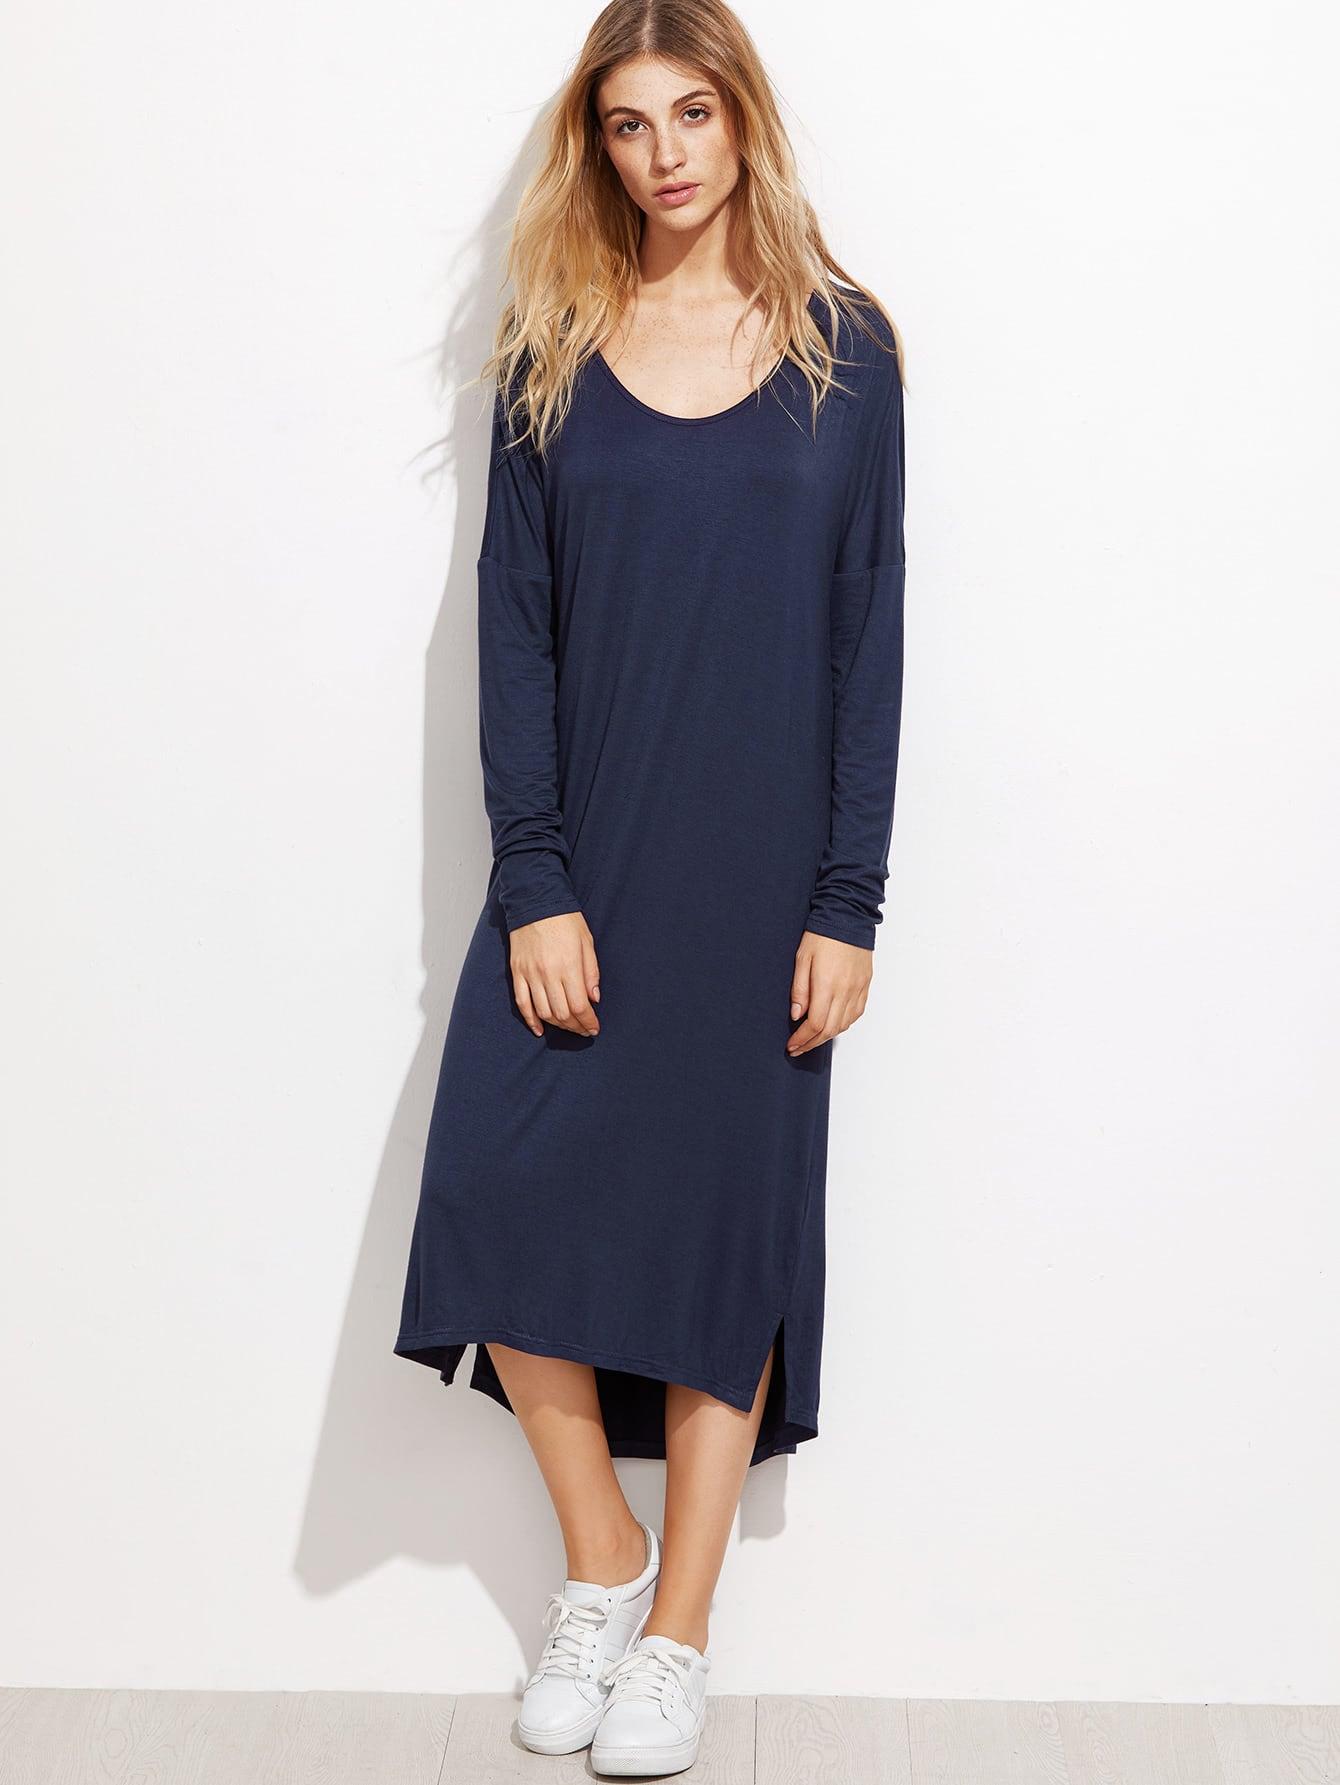 Drop Shoulder Cut And Sew Split Dress